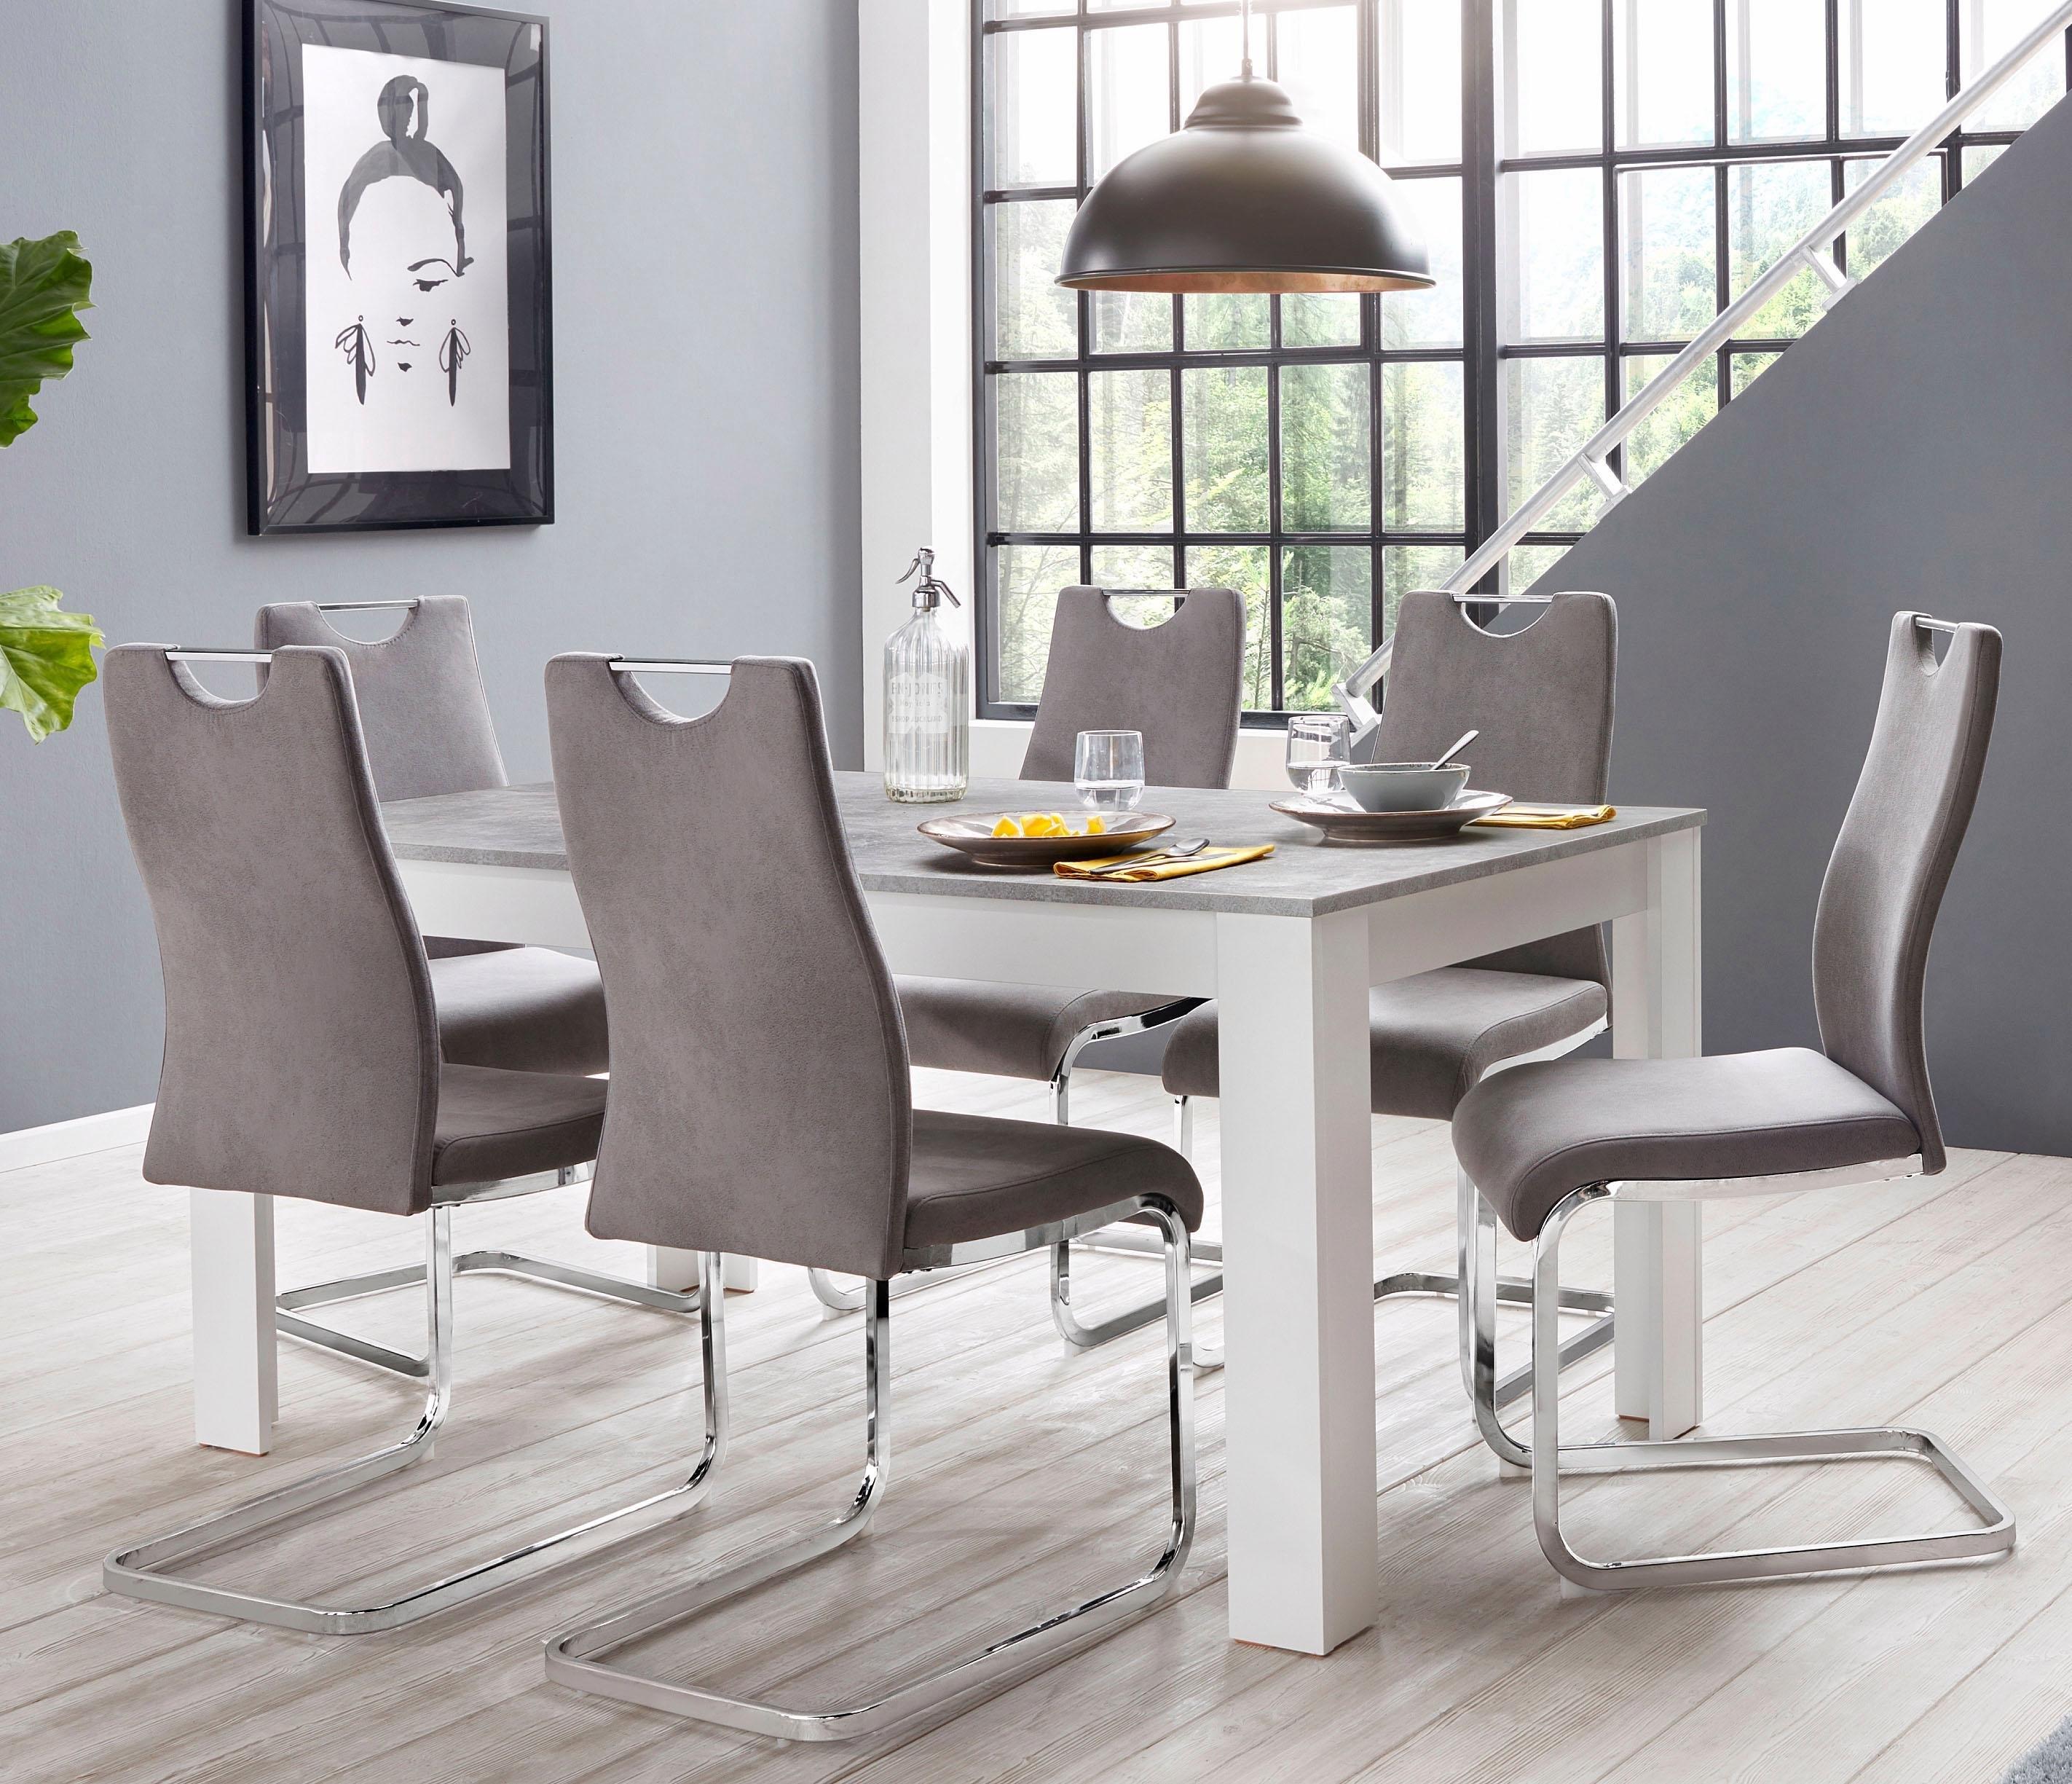 Homexperts eethoek Zabona 4 stoelen en 1 tafel (set, 5-delig) voordelig en veilig online kopen